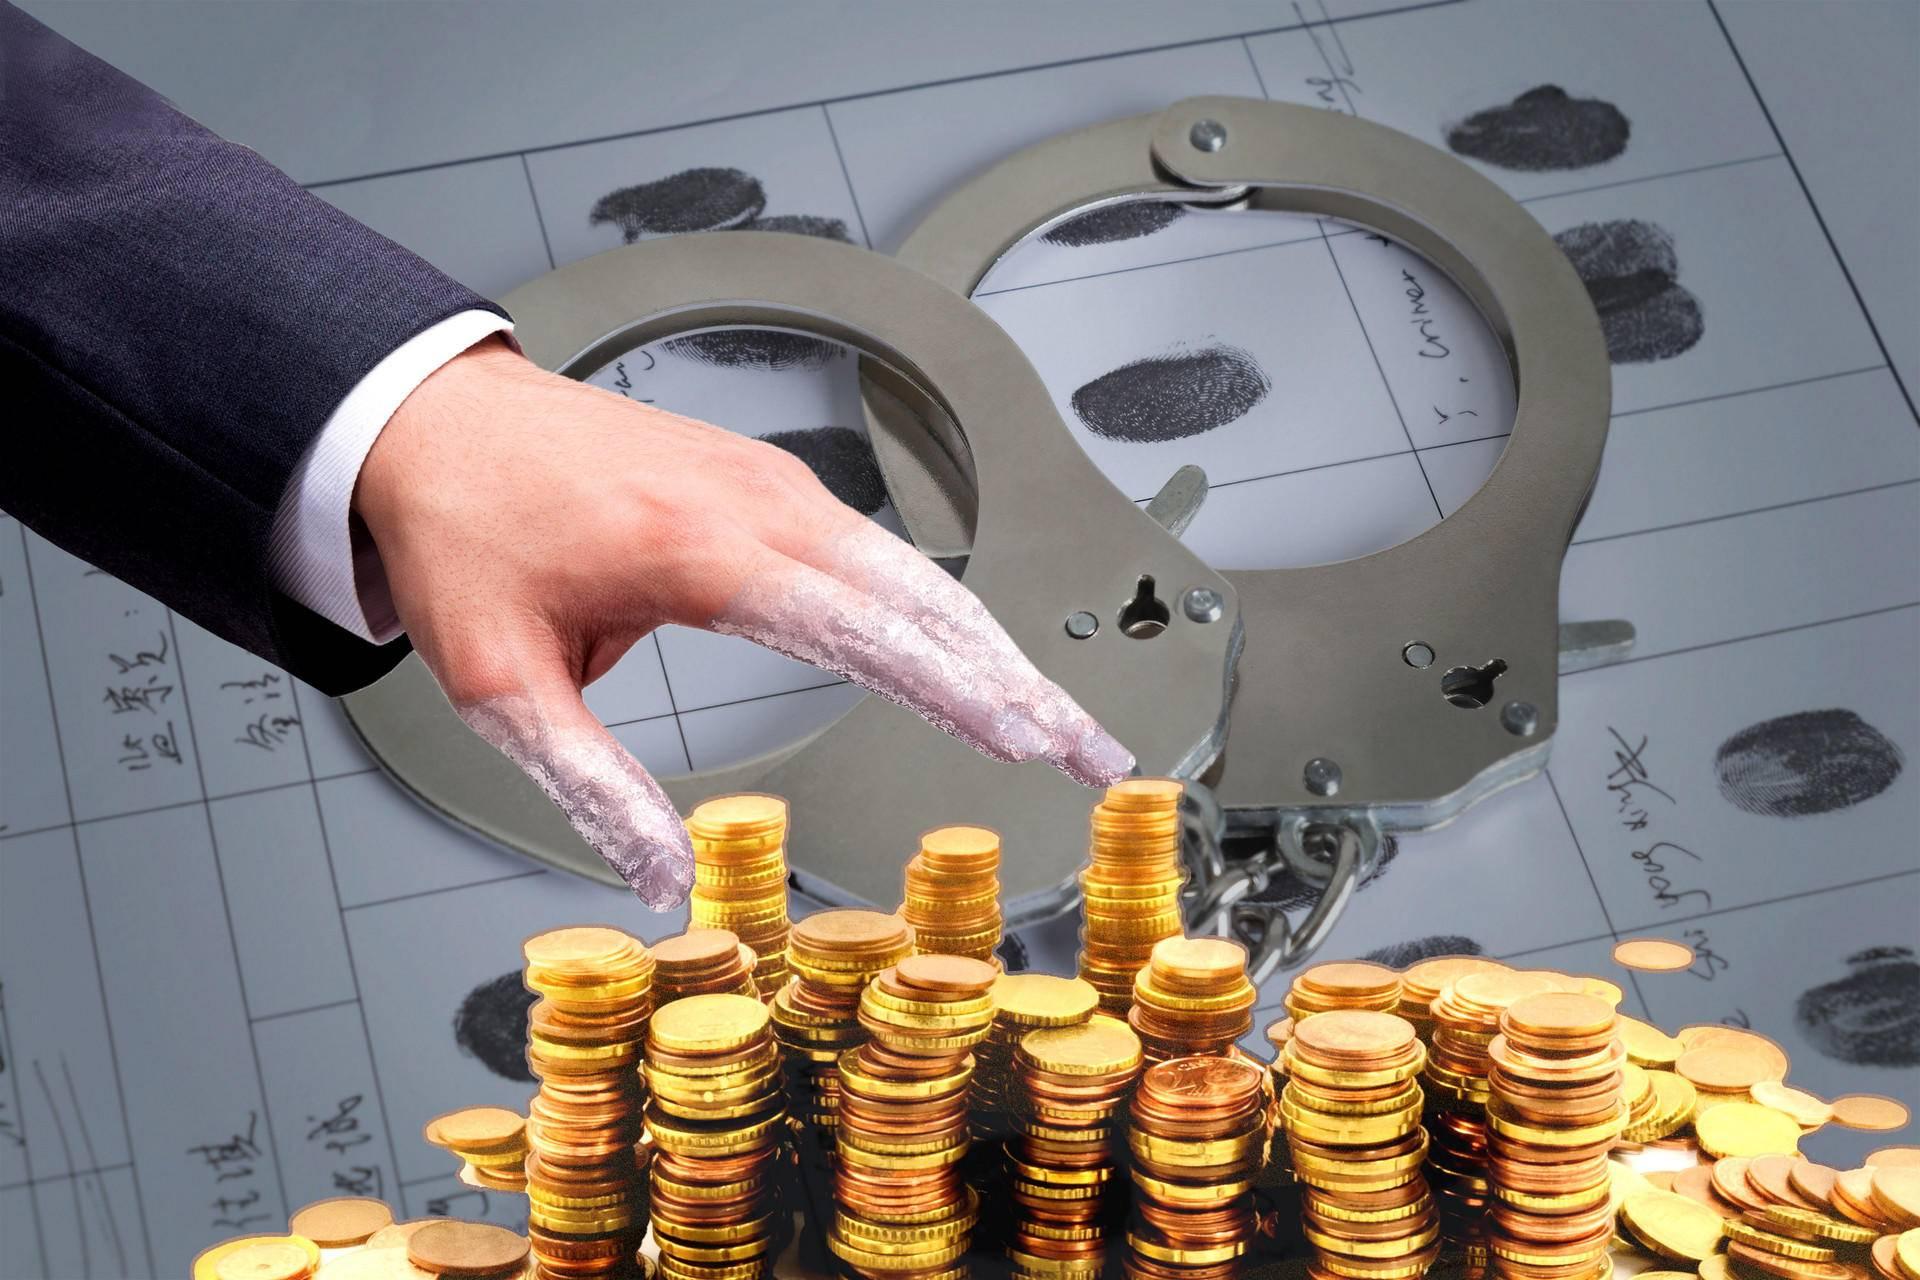 原阿里文娱轮值总裁杨伟东因经济问题被查,涉案金额可能逾亿?